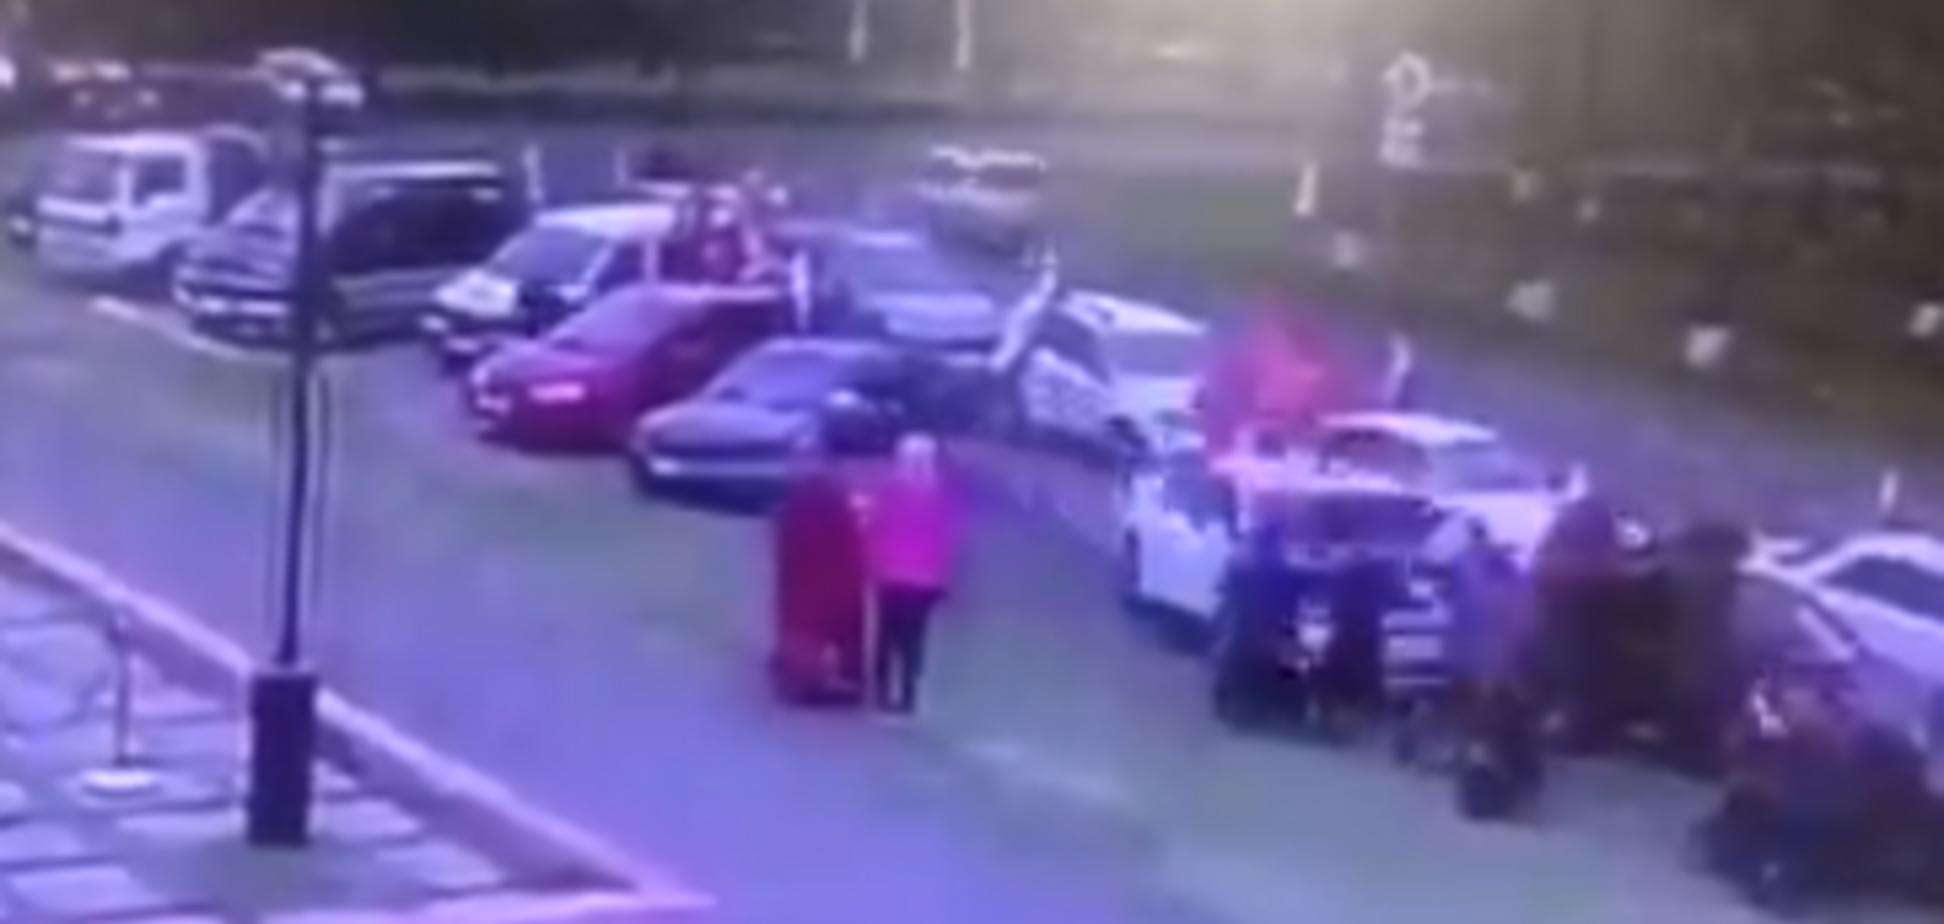 Мчав із людьми на капоті: у Росії учасник автопробігу до Дня Перемоги 'зніс' натовп. Жорсткі кадри